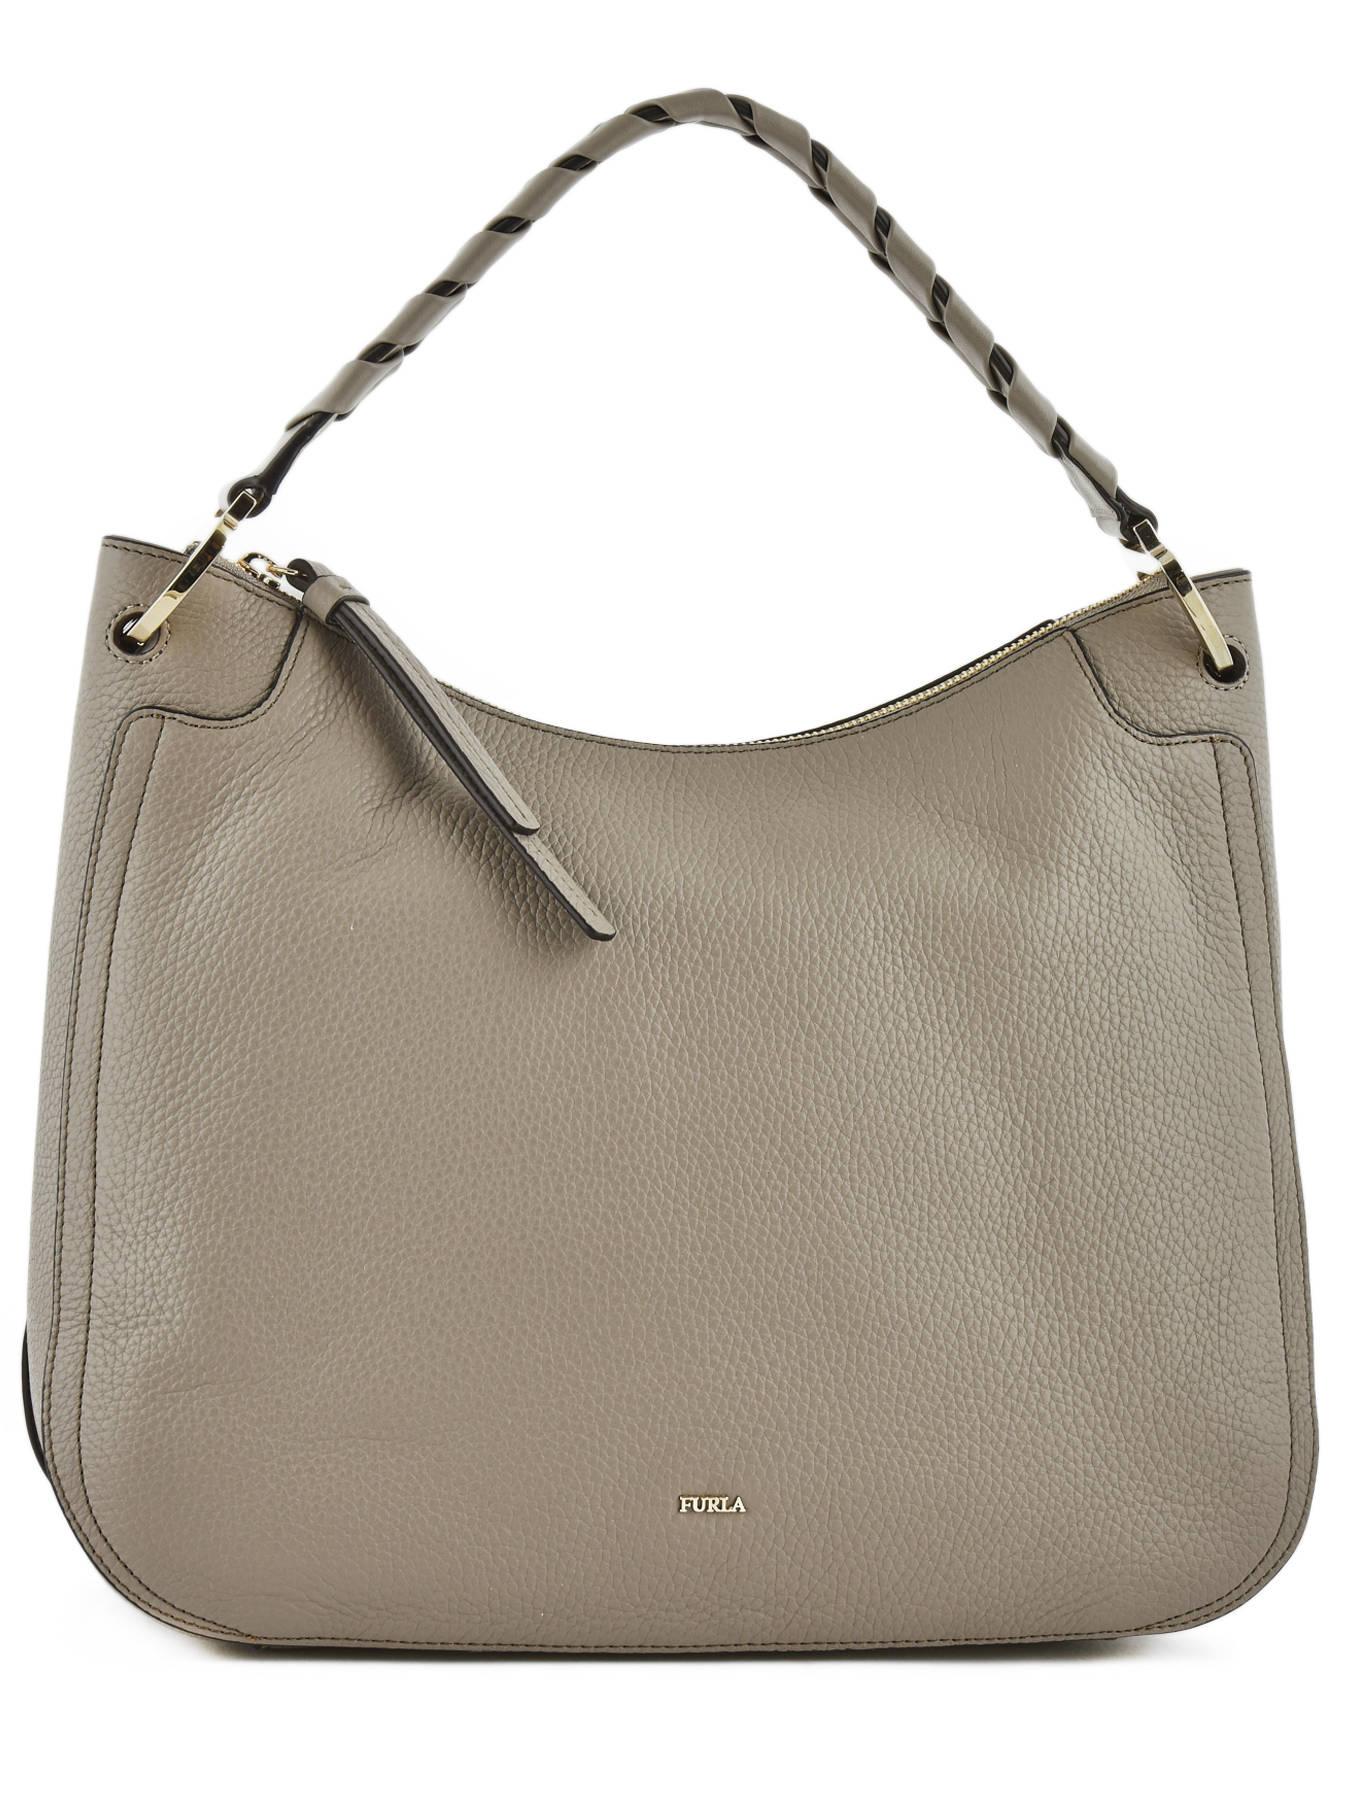 ... Shoulder Bag Rialto Furla Gray rialto RIA-BNZ5 ... 3f085d9728d3b